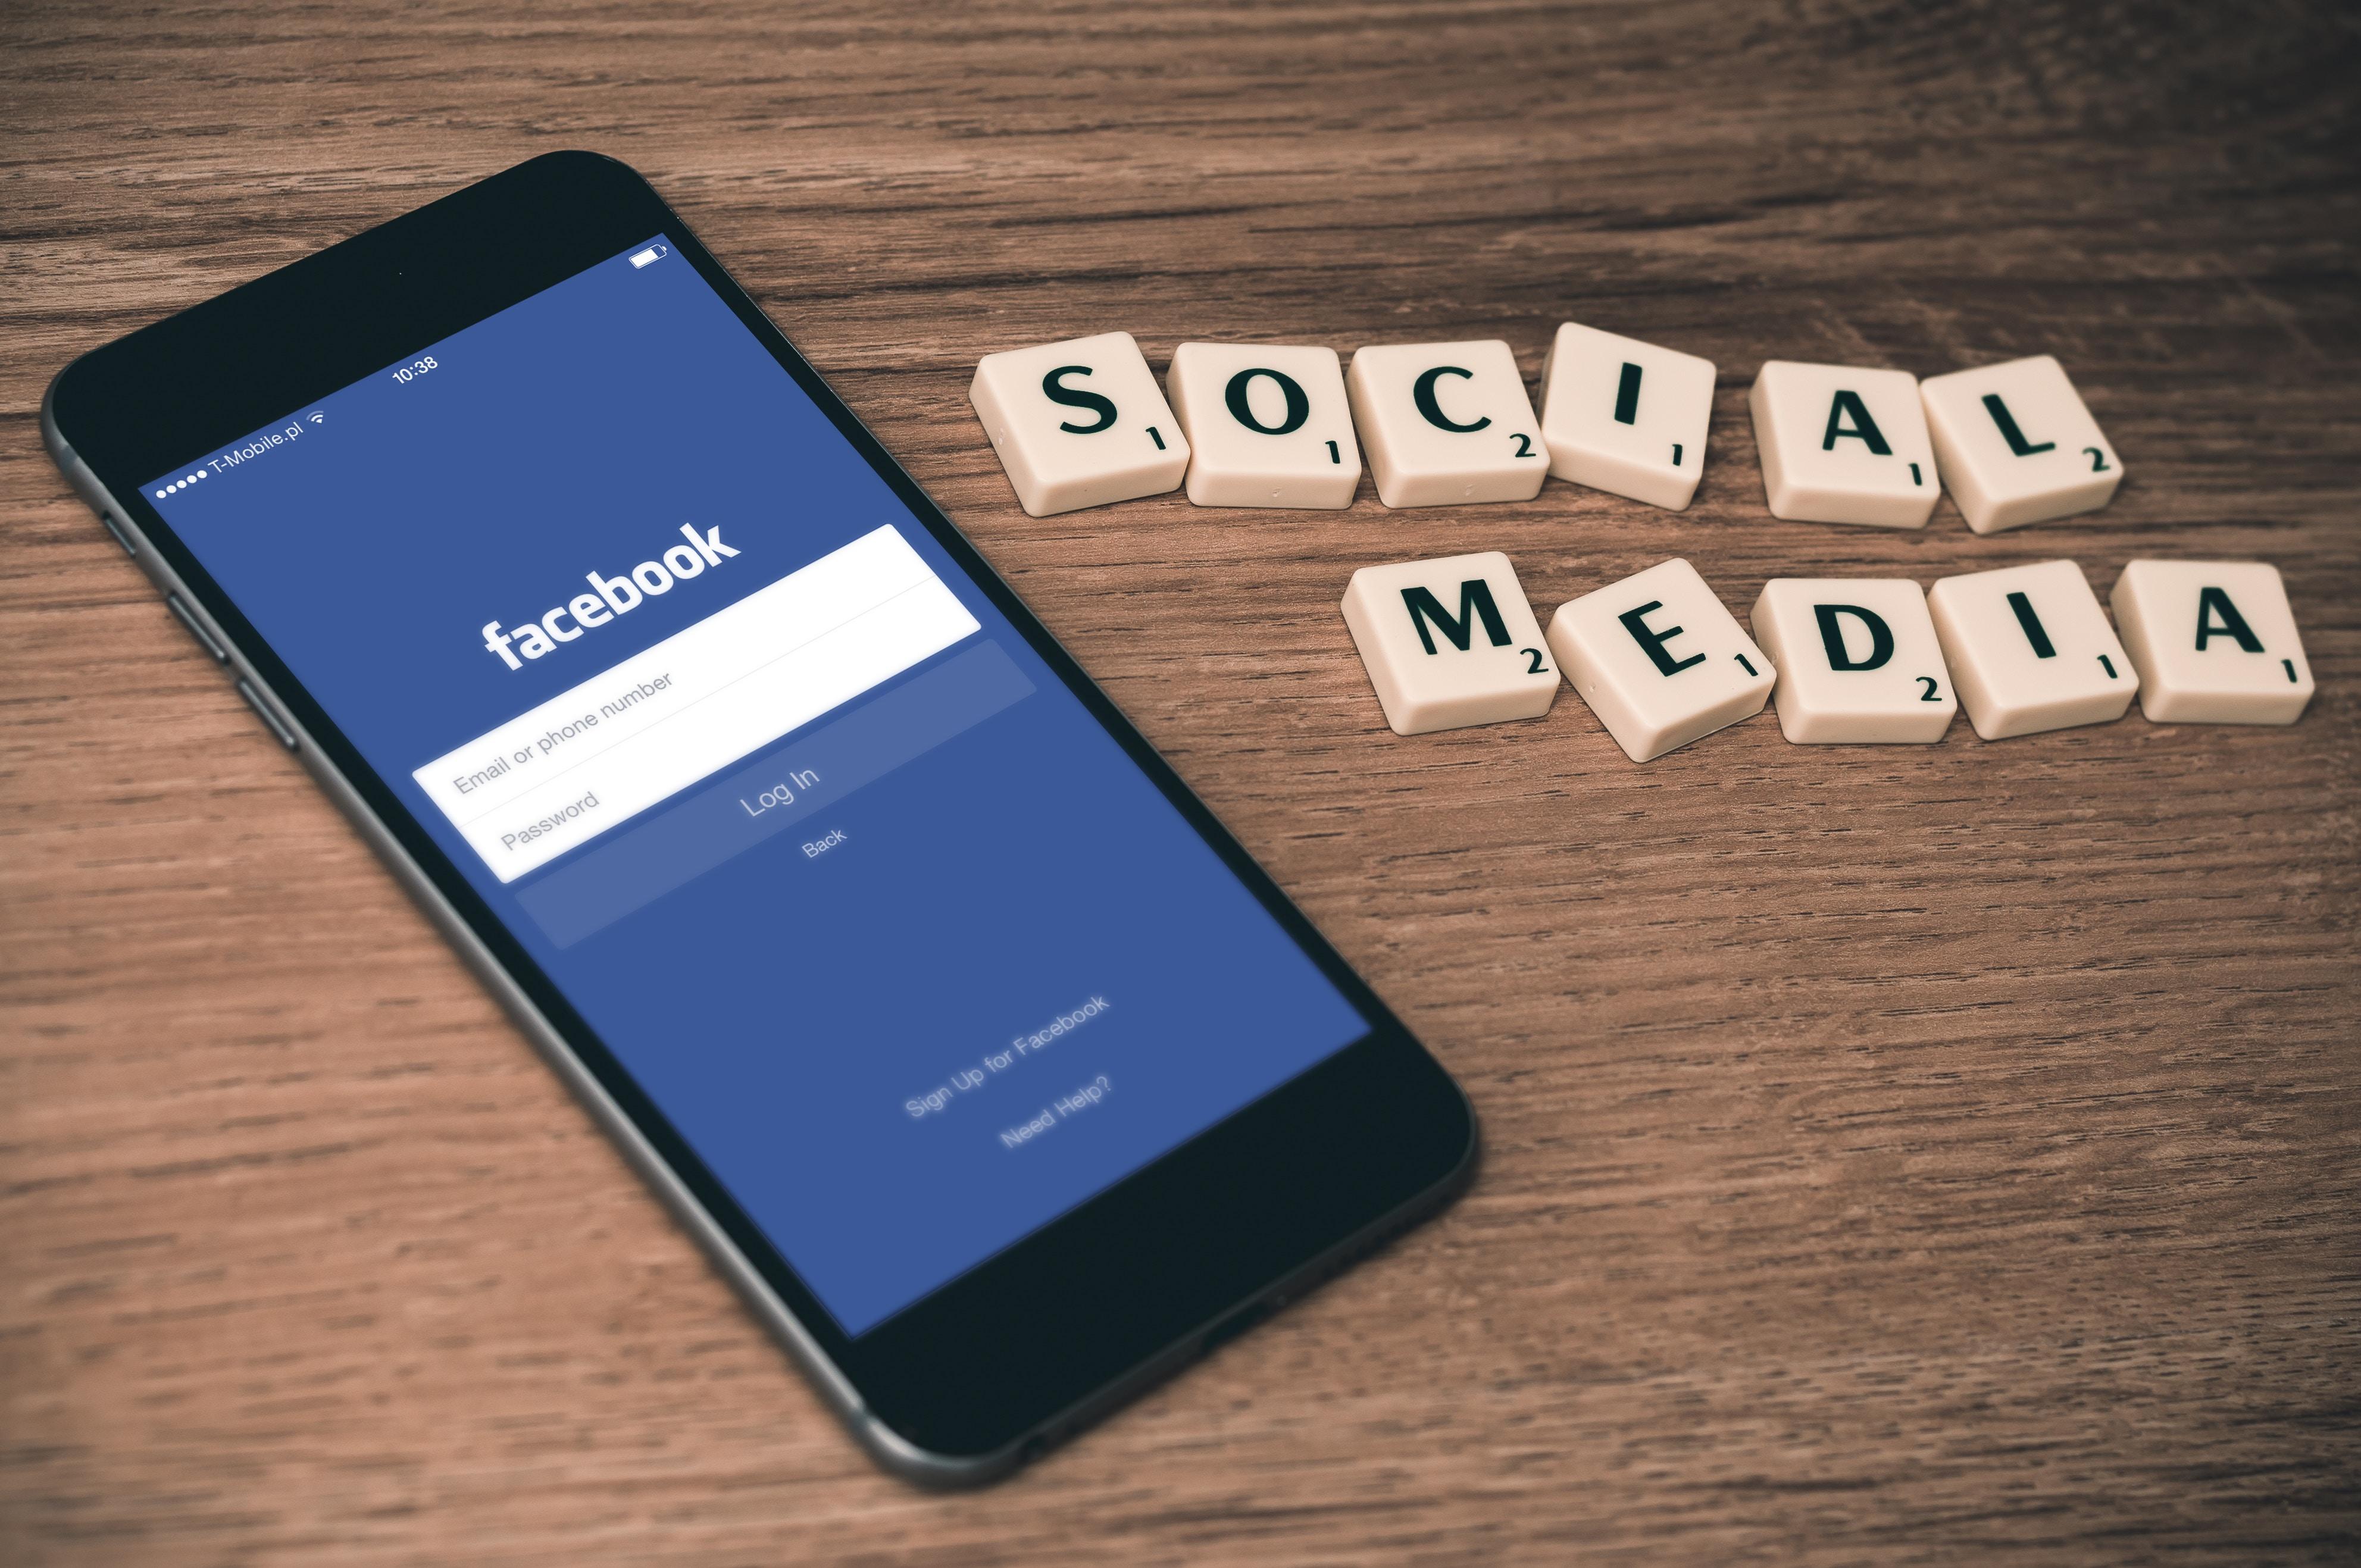 https://campaign-image.com/zohocampaigns/338309000007295028_zc_v61_social_media_strategy.jpg